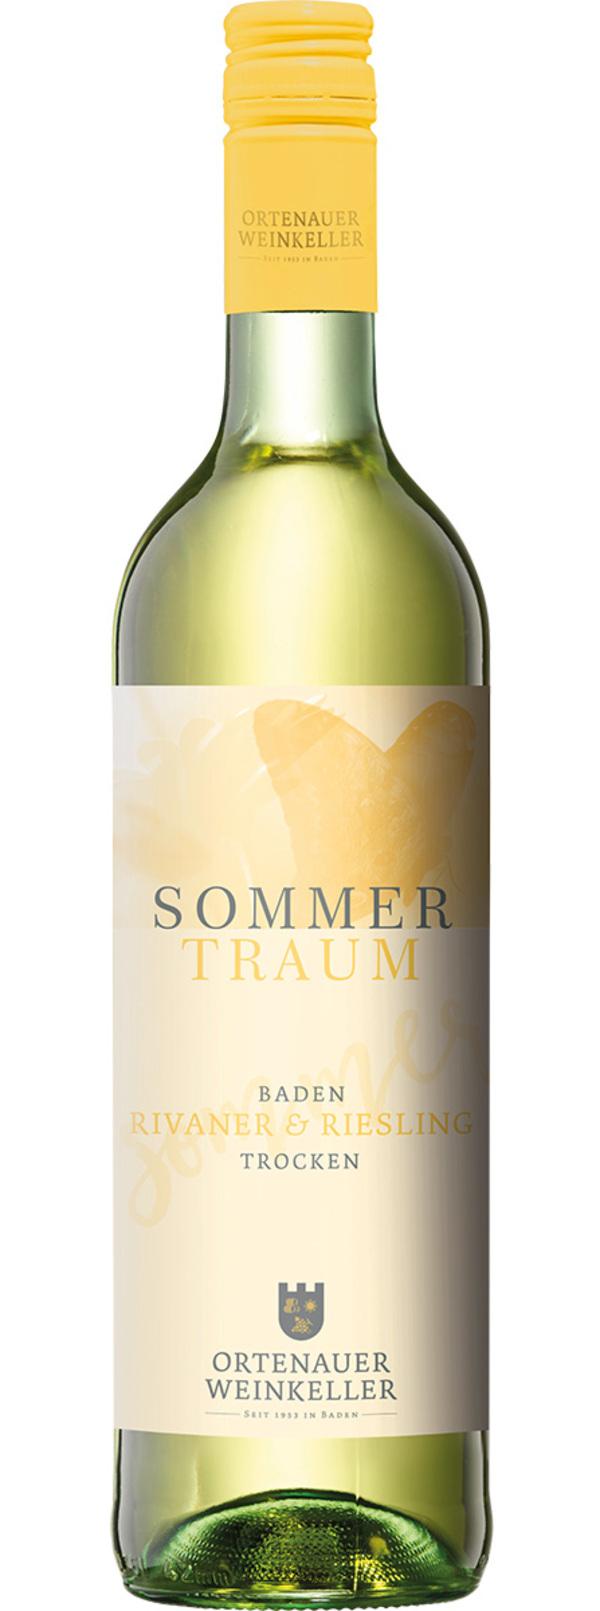 Ortenauer Weinkellerei Sommertraum Baden Rivaner & Riesling trocken 2019 0,75 ltr